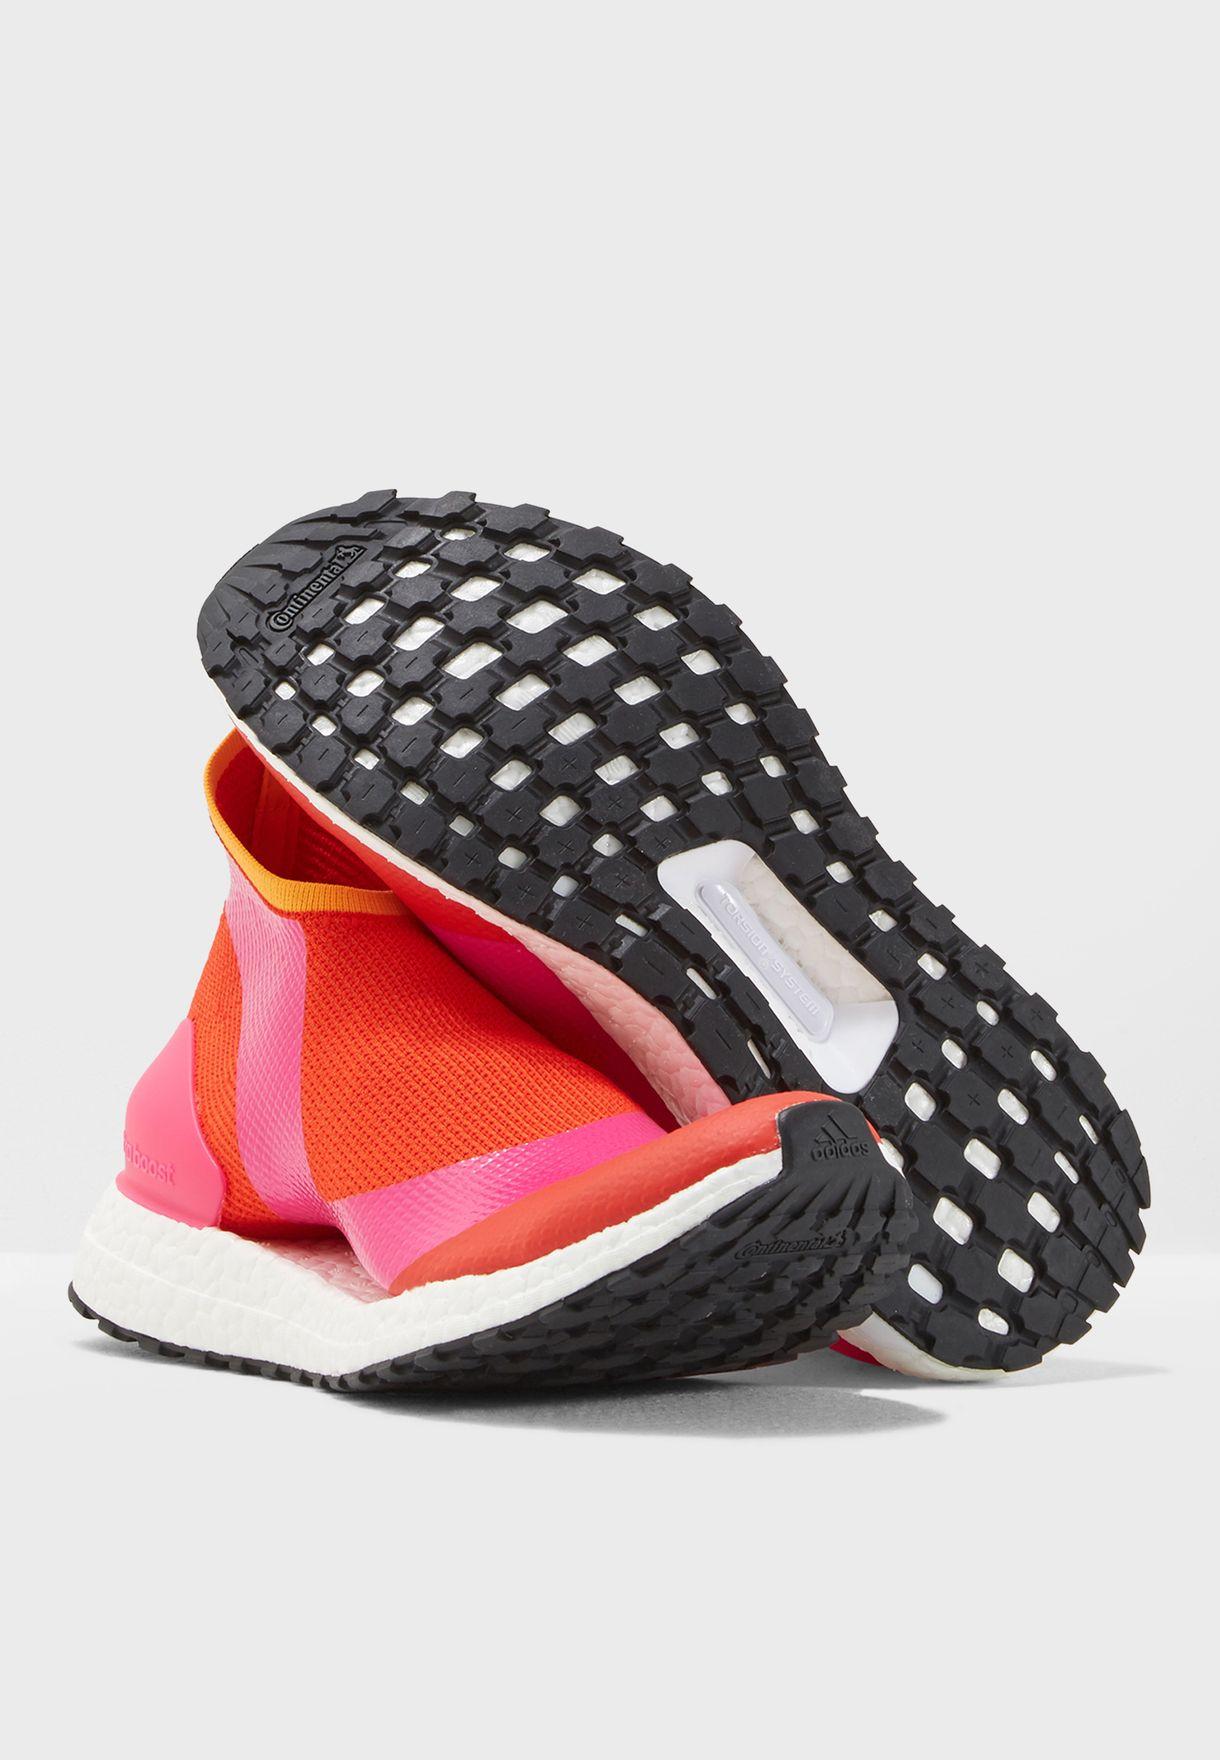 bc2f85cfa Shop adidas by Stella McCartney orange Ultraboost X All Terrain ...